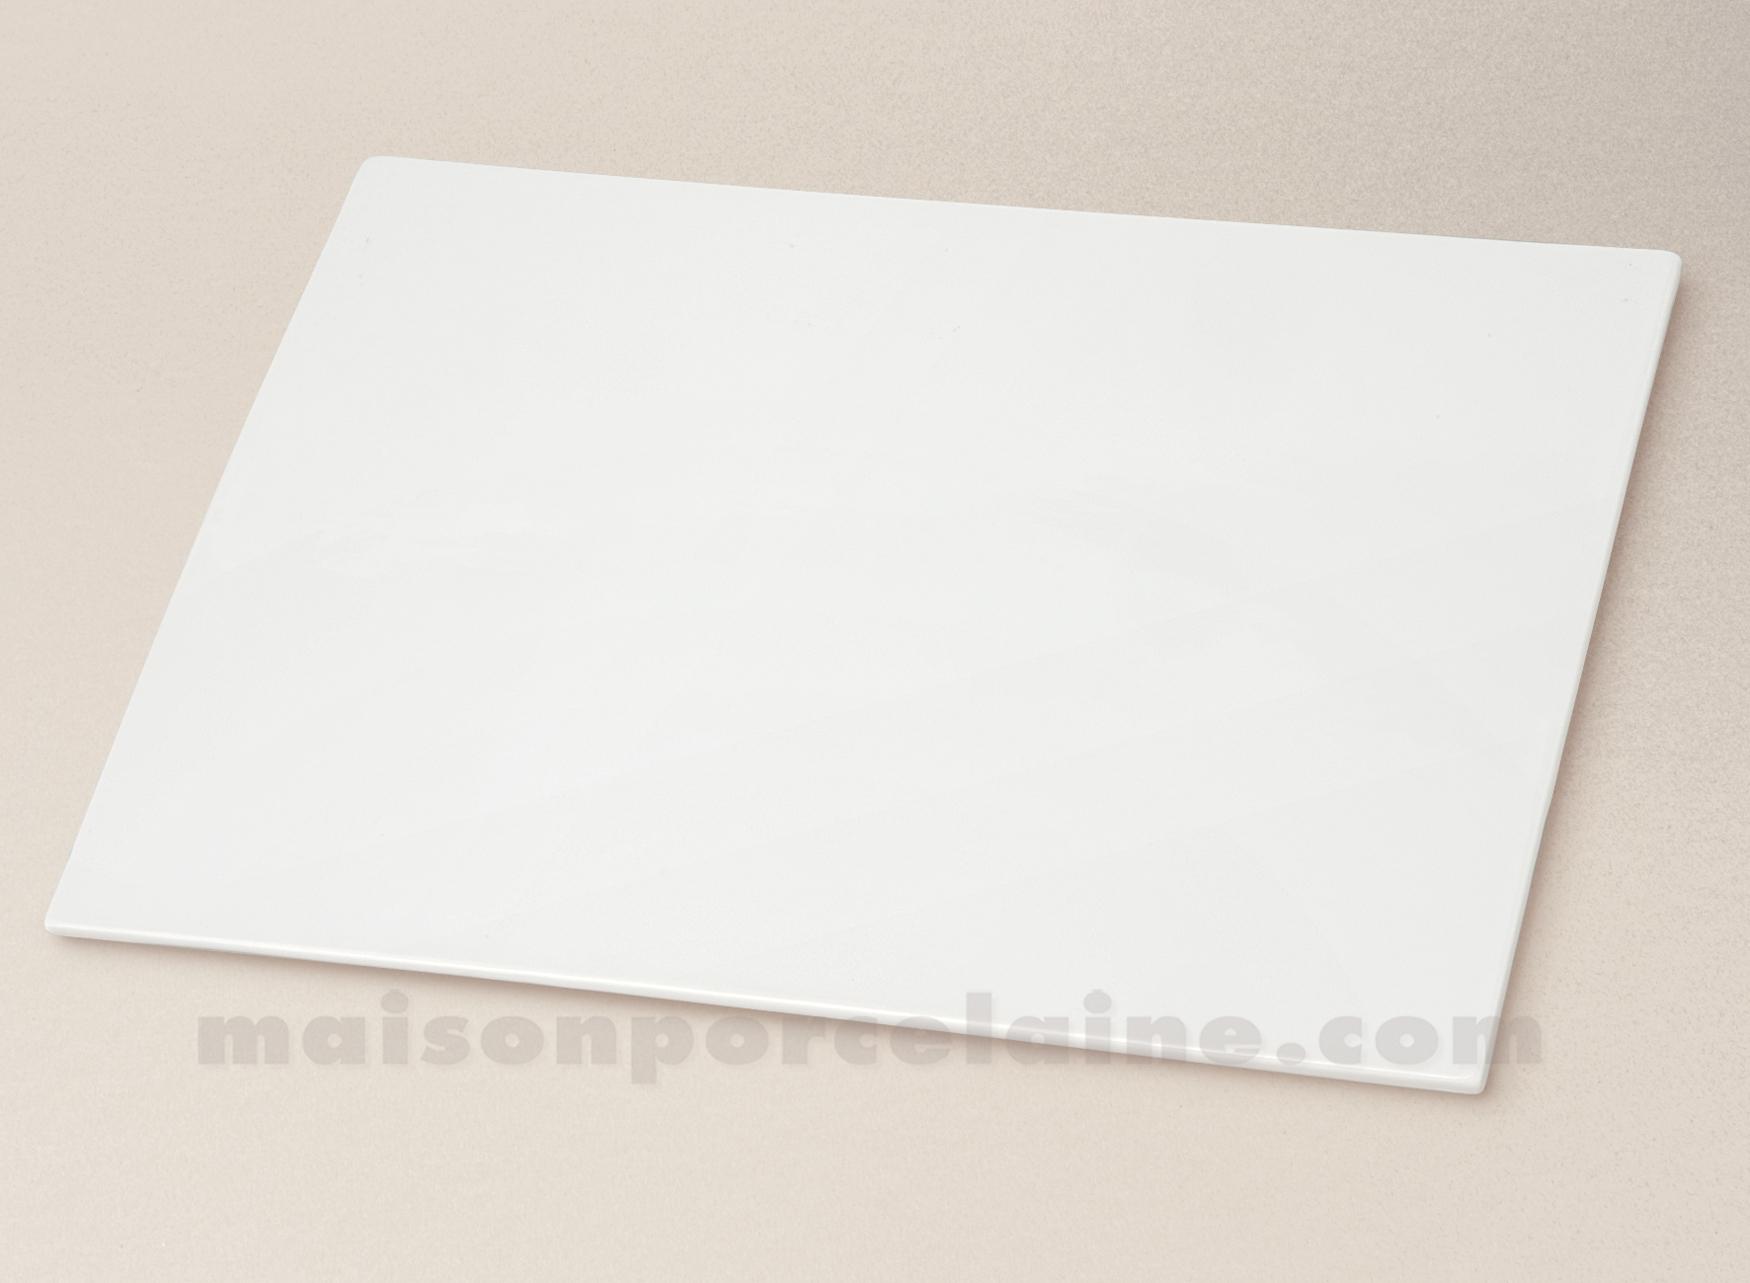 Plaque rectangulaire unie porcelaine blanche 30x21 for Service de table rectangulaire